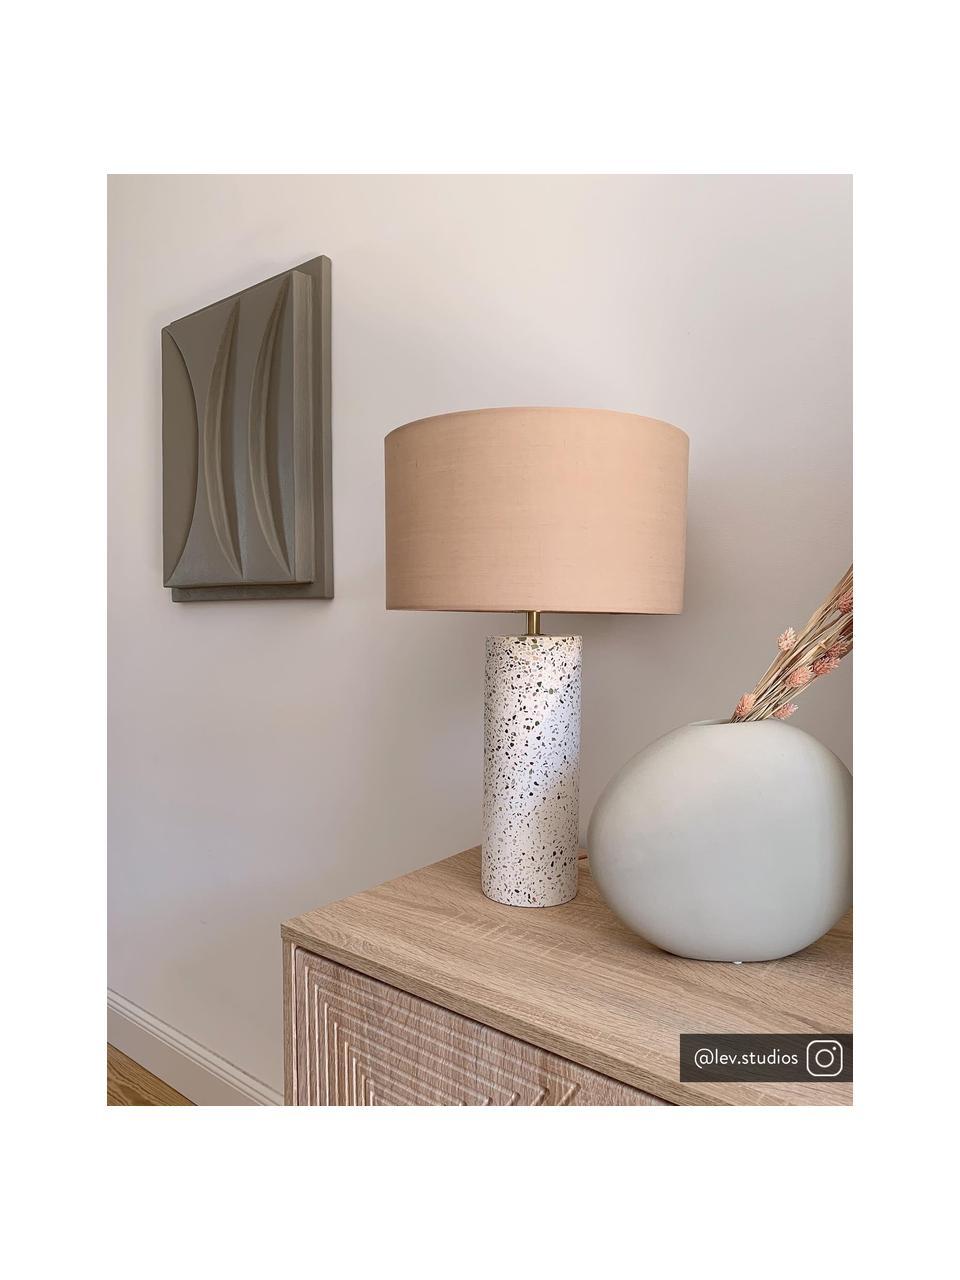 Große Tischlampe Mosaik mit Betonfuß, Lampenschirm: Baumwollgemisch, Lampenfuß: Beton, Dekor: Metall, gebürstet, Altrosa, Weiß, Terrazzo-gemustert, Ø 33 x H 50 cm